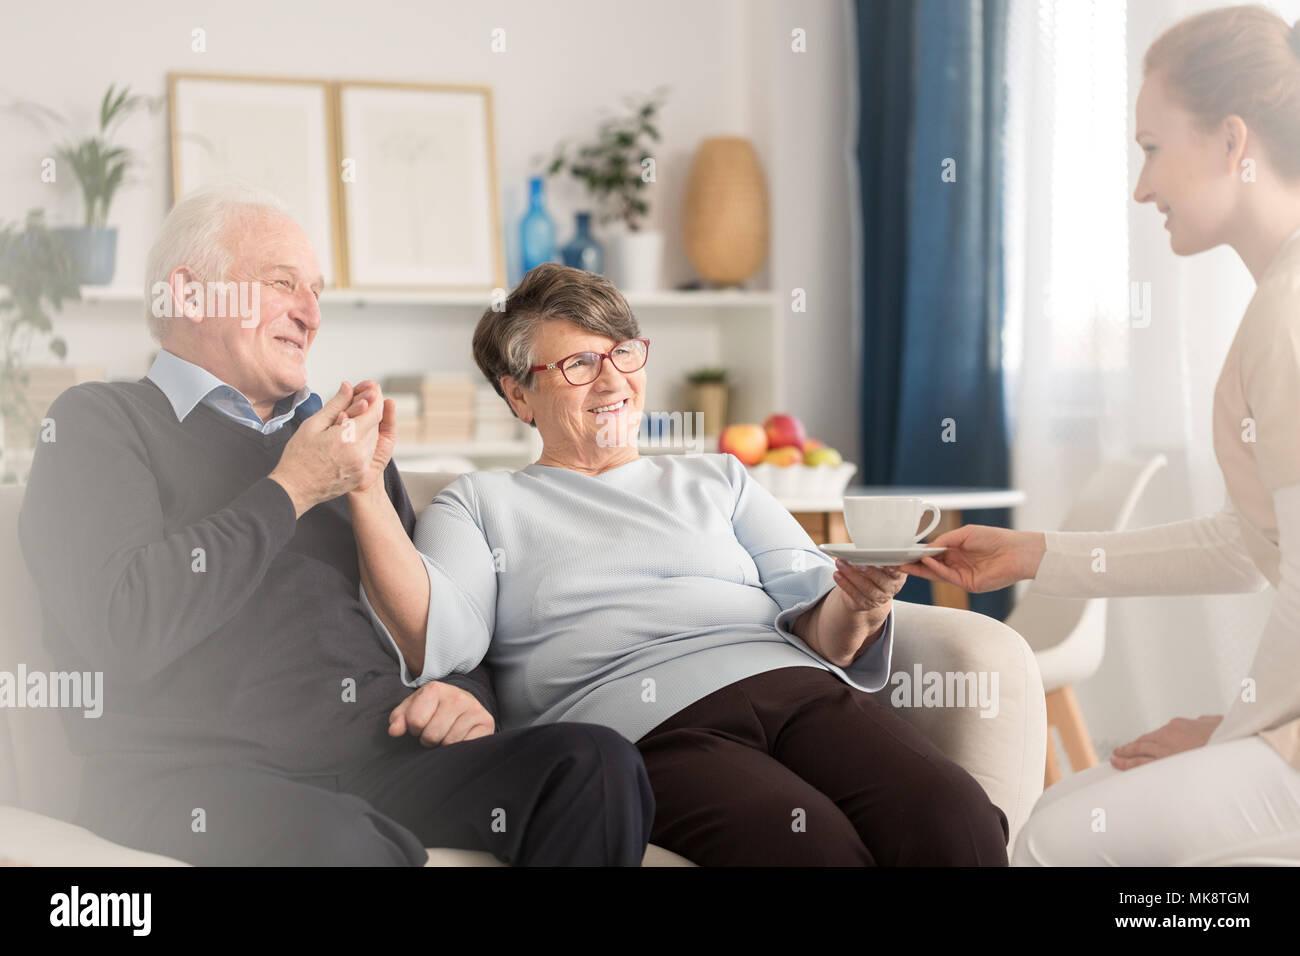 Junge Herzen emotionale senior Paar Hände halten beim Sitzen auf der Couch und wird von einem Betreuer eine Tasse Tee in einem sonnigen Wohnzimmer ho serviert. Stockbild